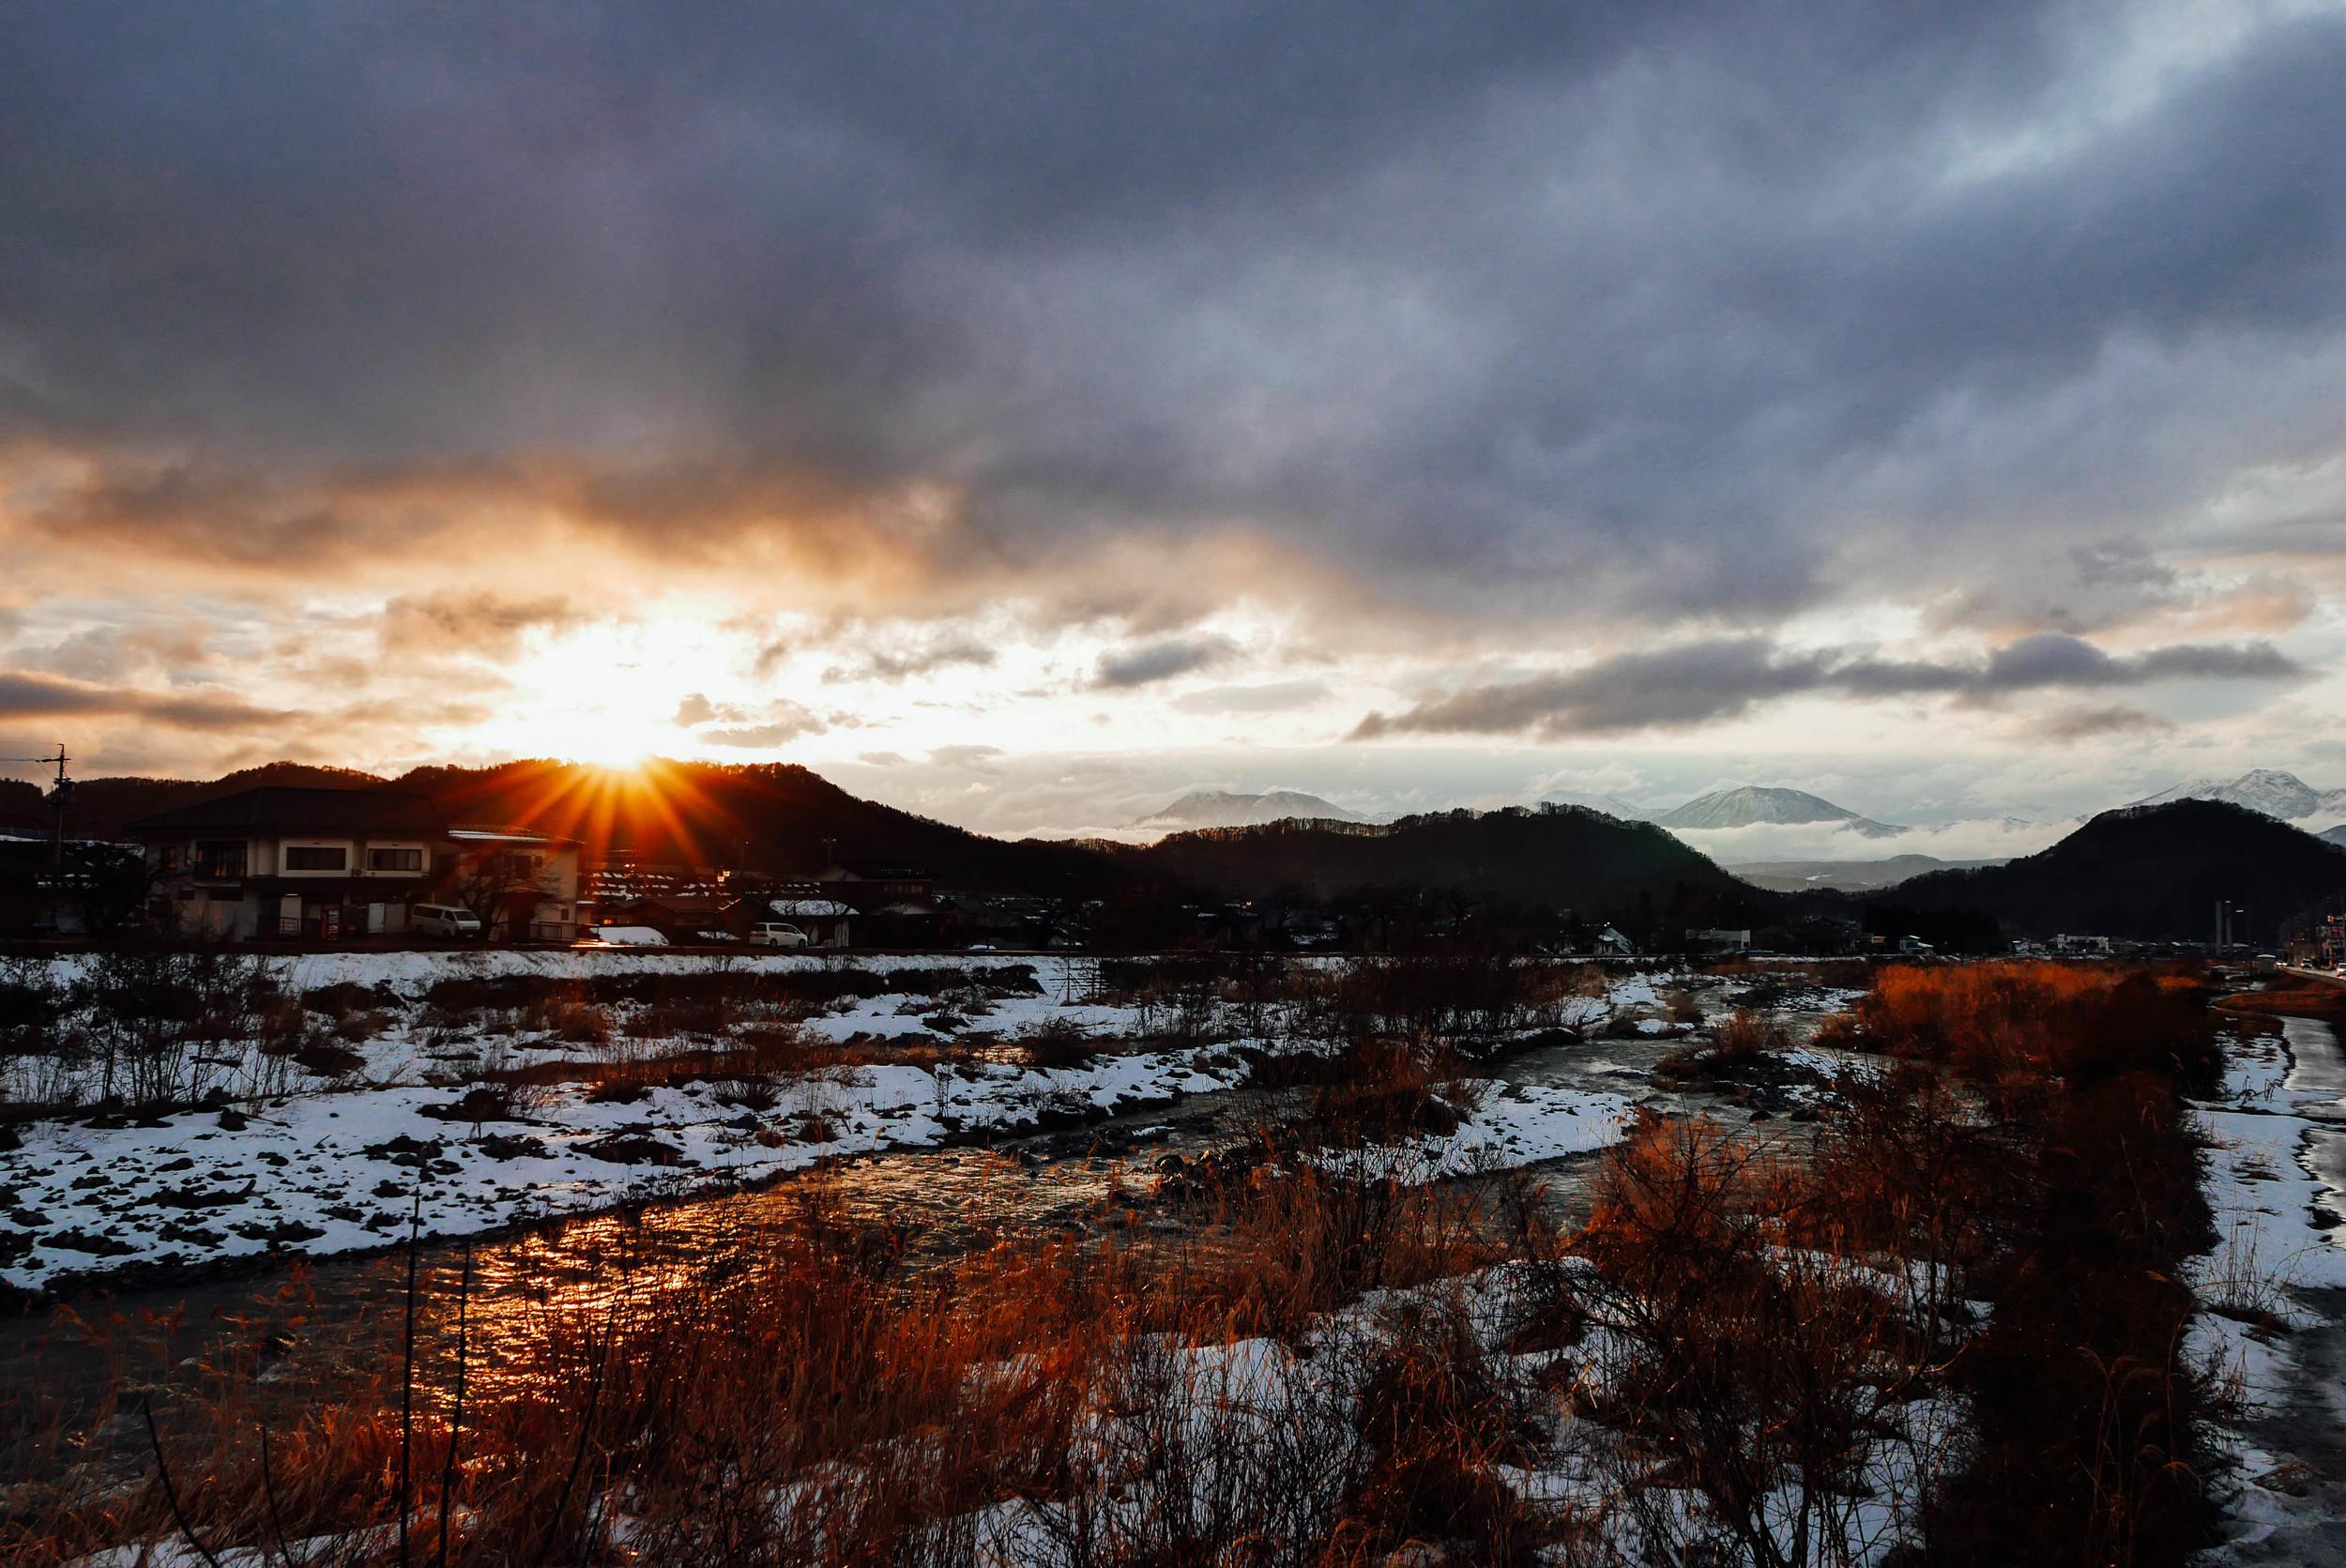 Sunset over Yamanouchi.